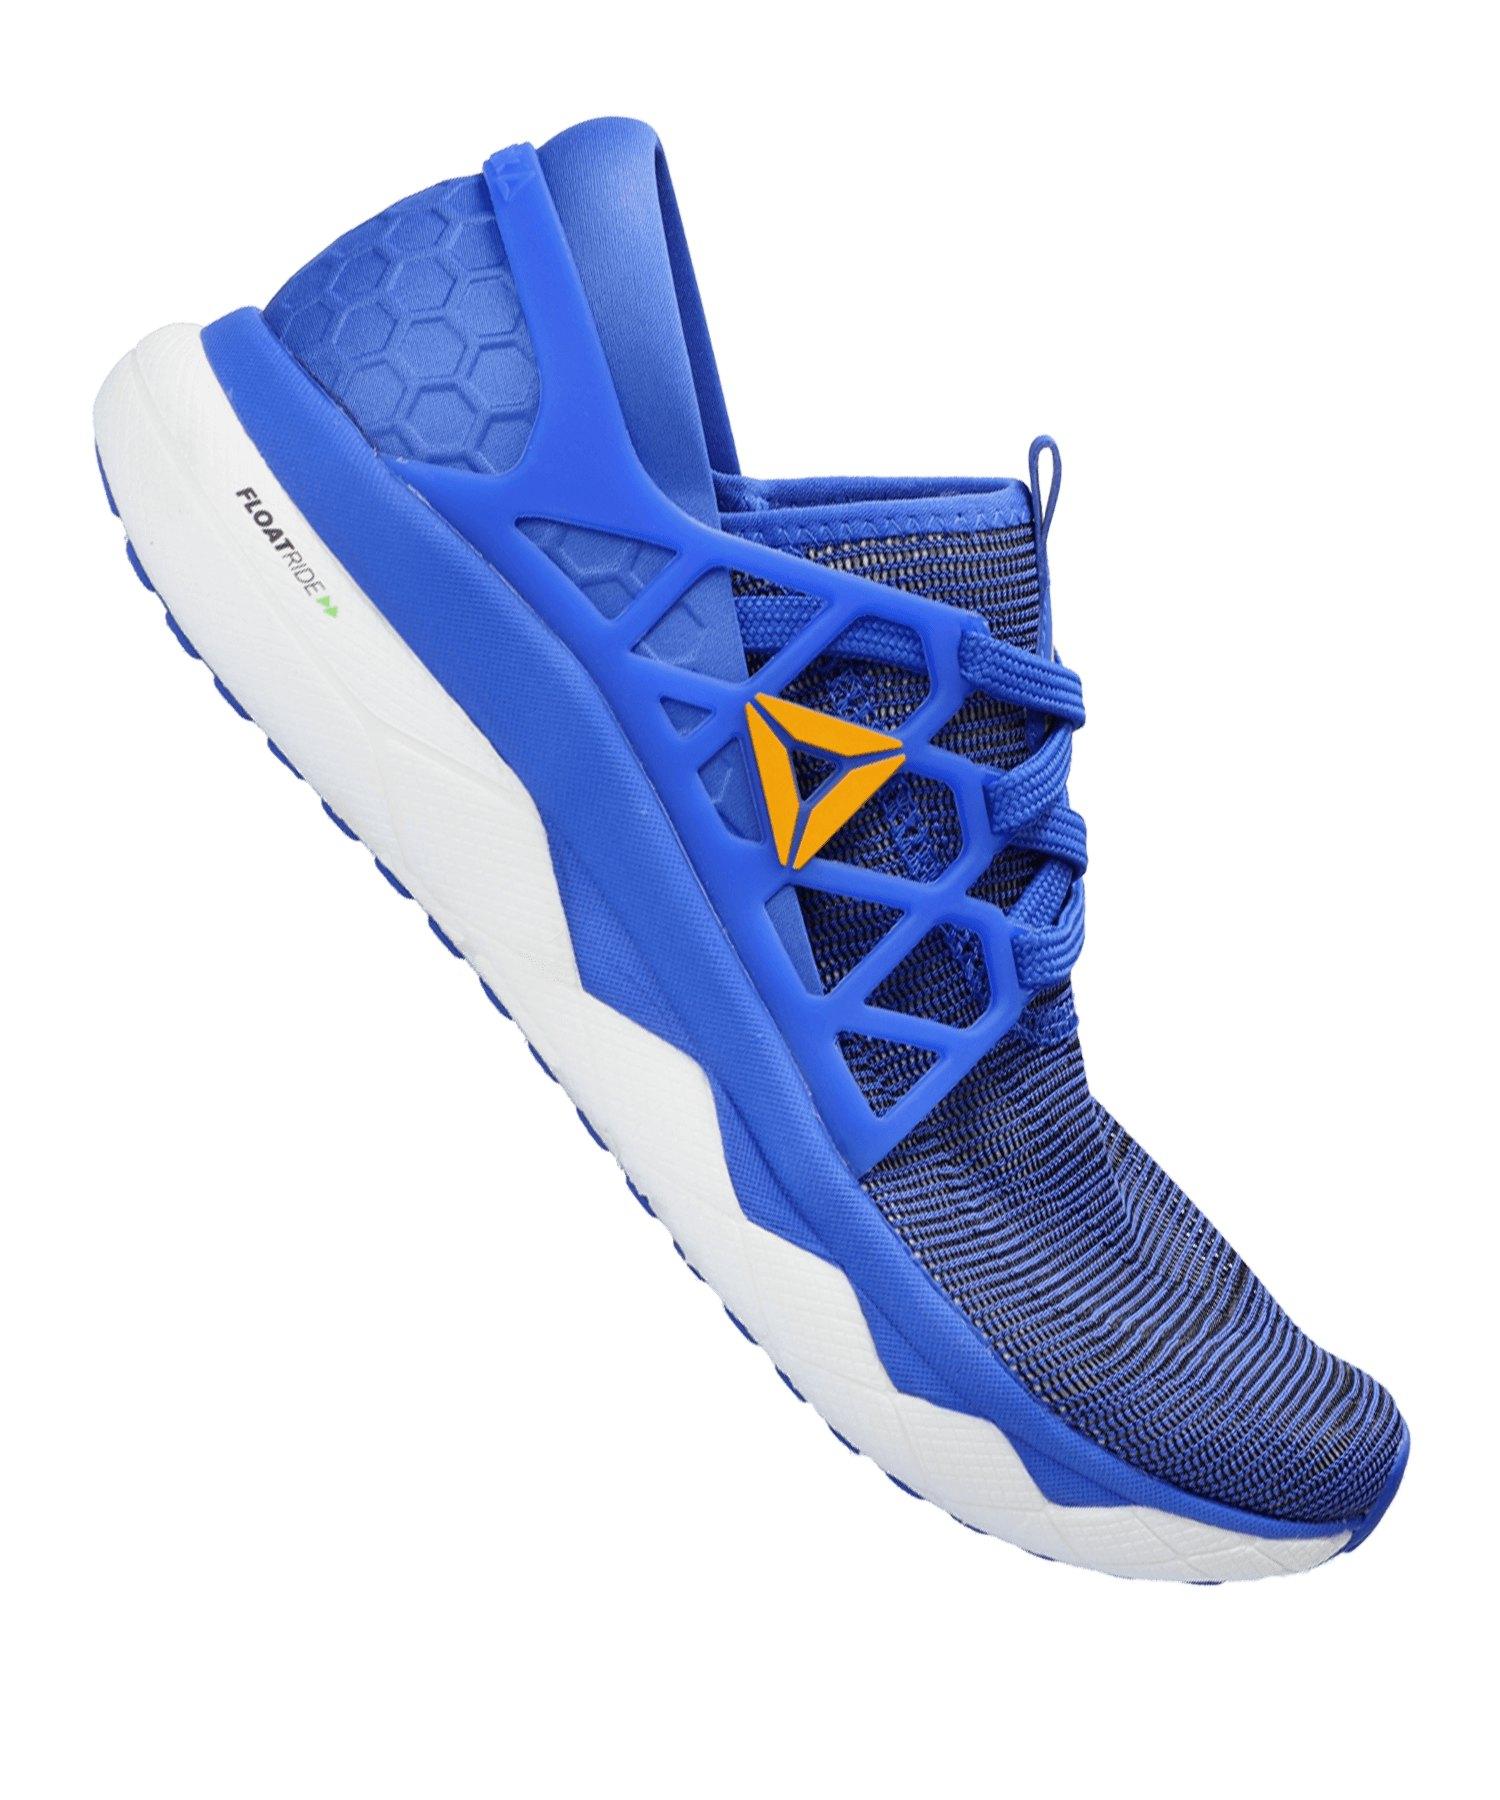 Reebok Floatride Flexweave Running Blau - blau